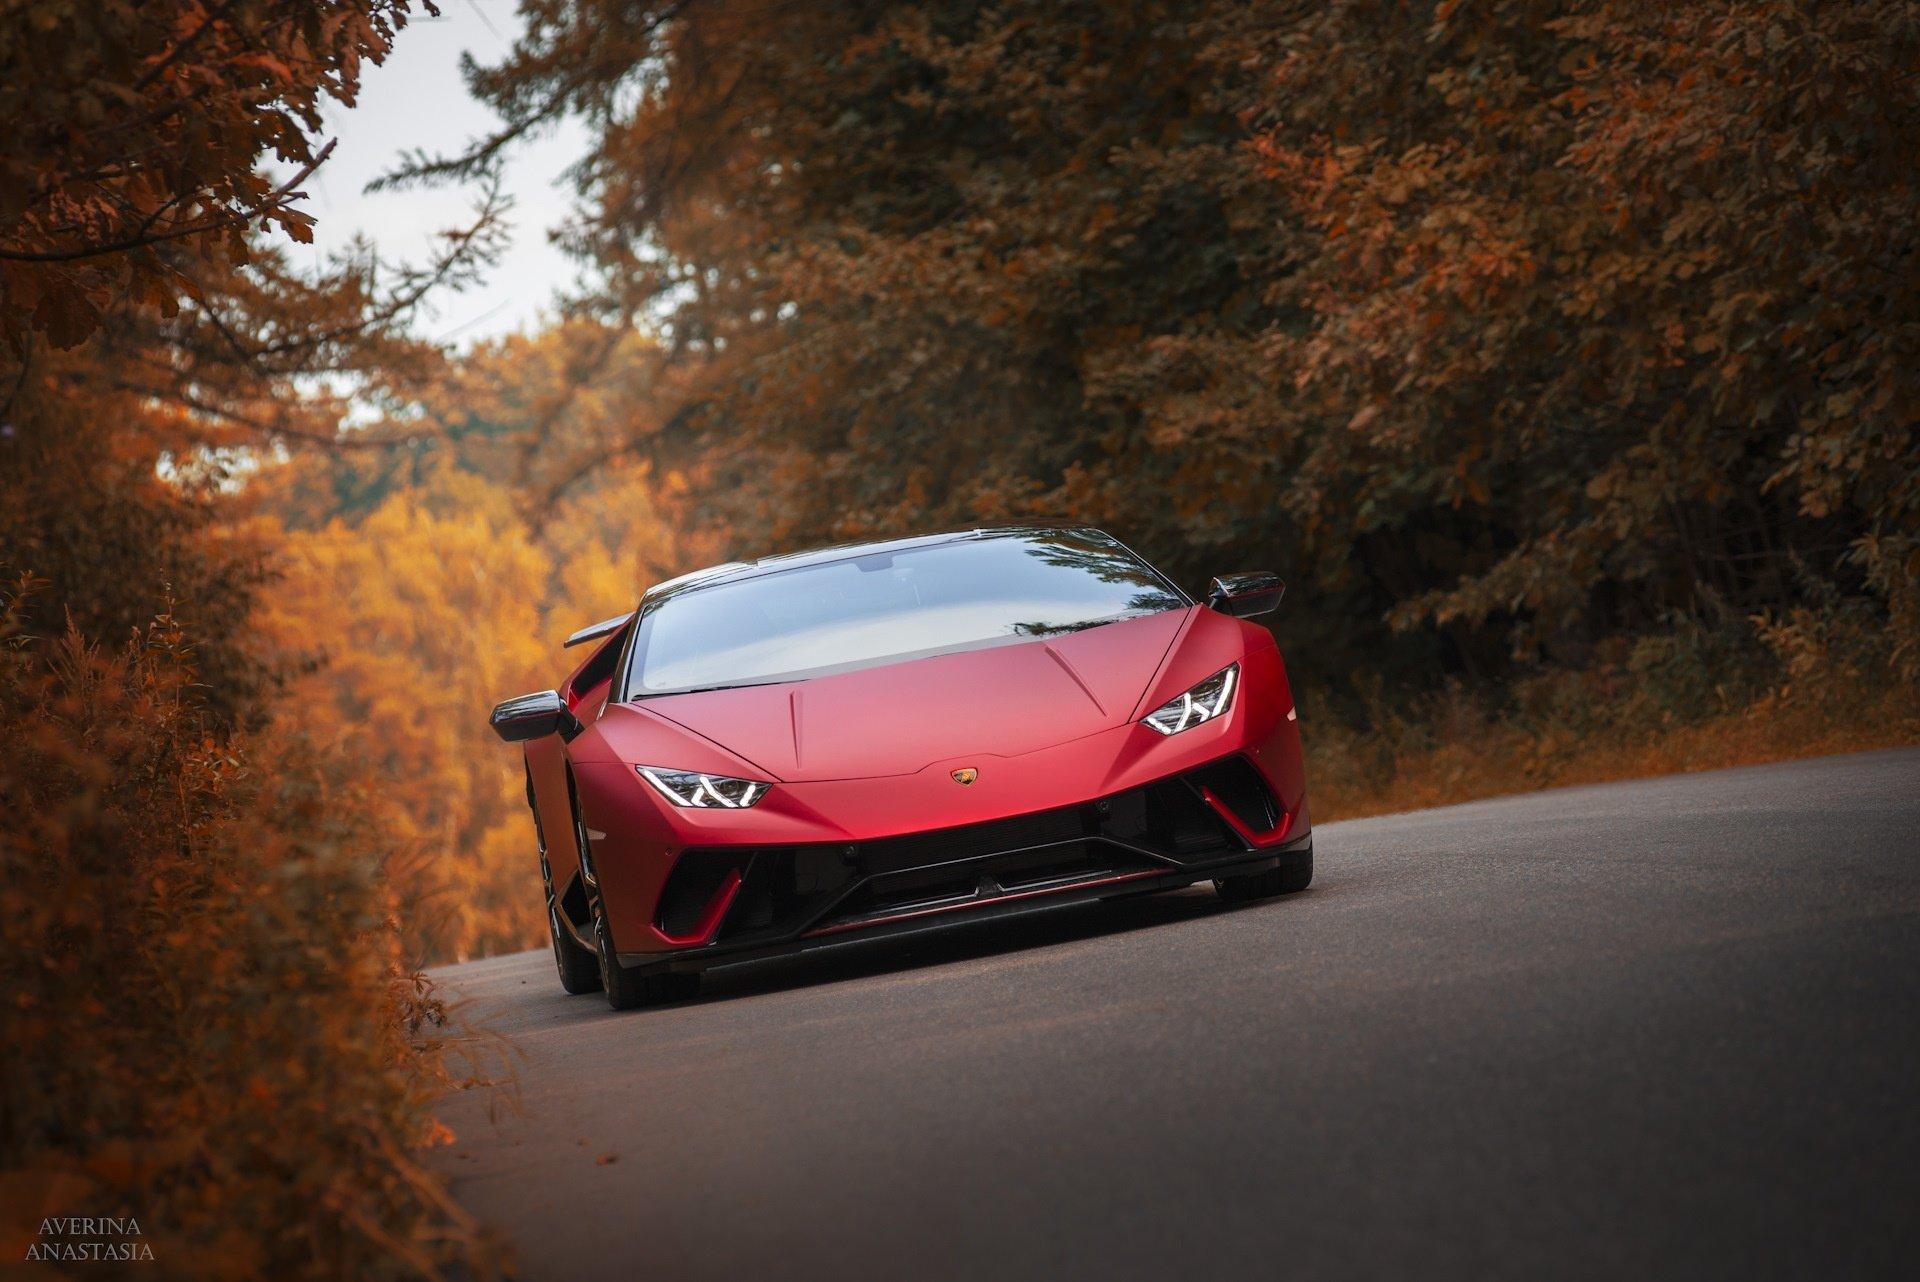 Wallpaper Of Lamborghini Huracan Red Sportcar Supercar